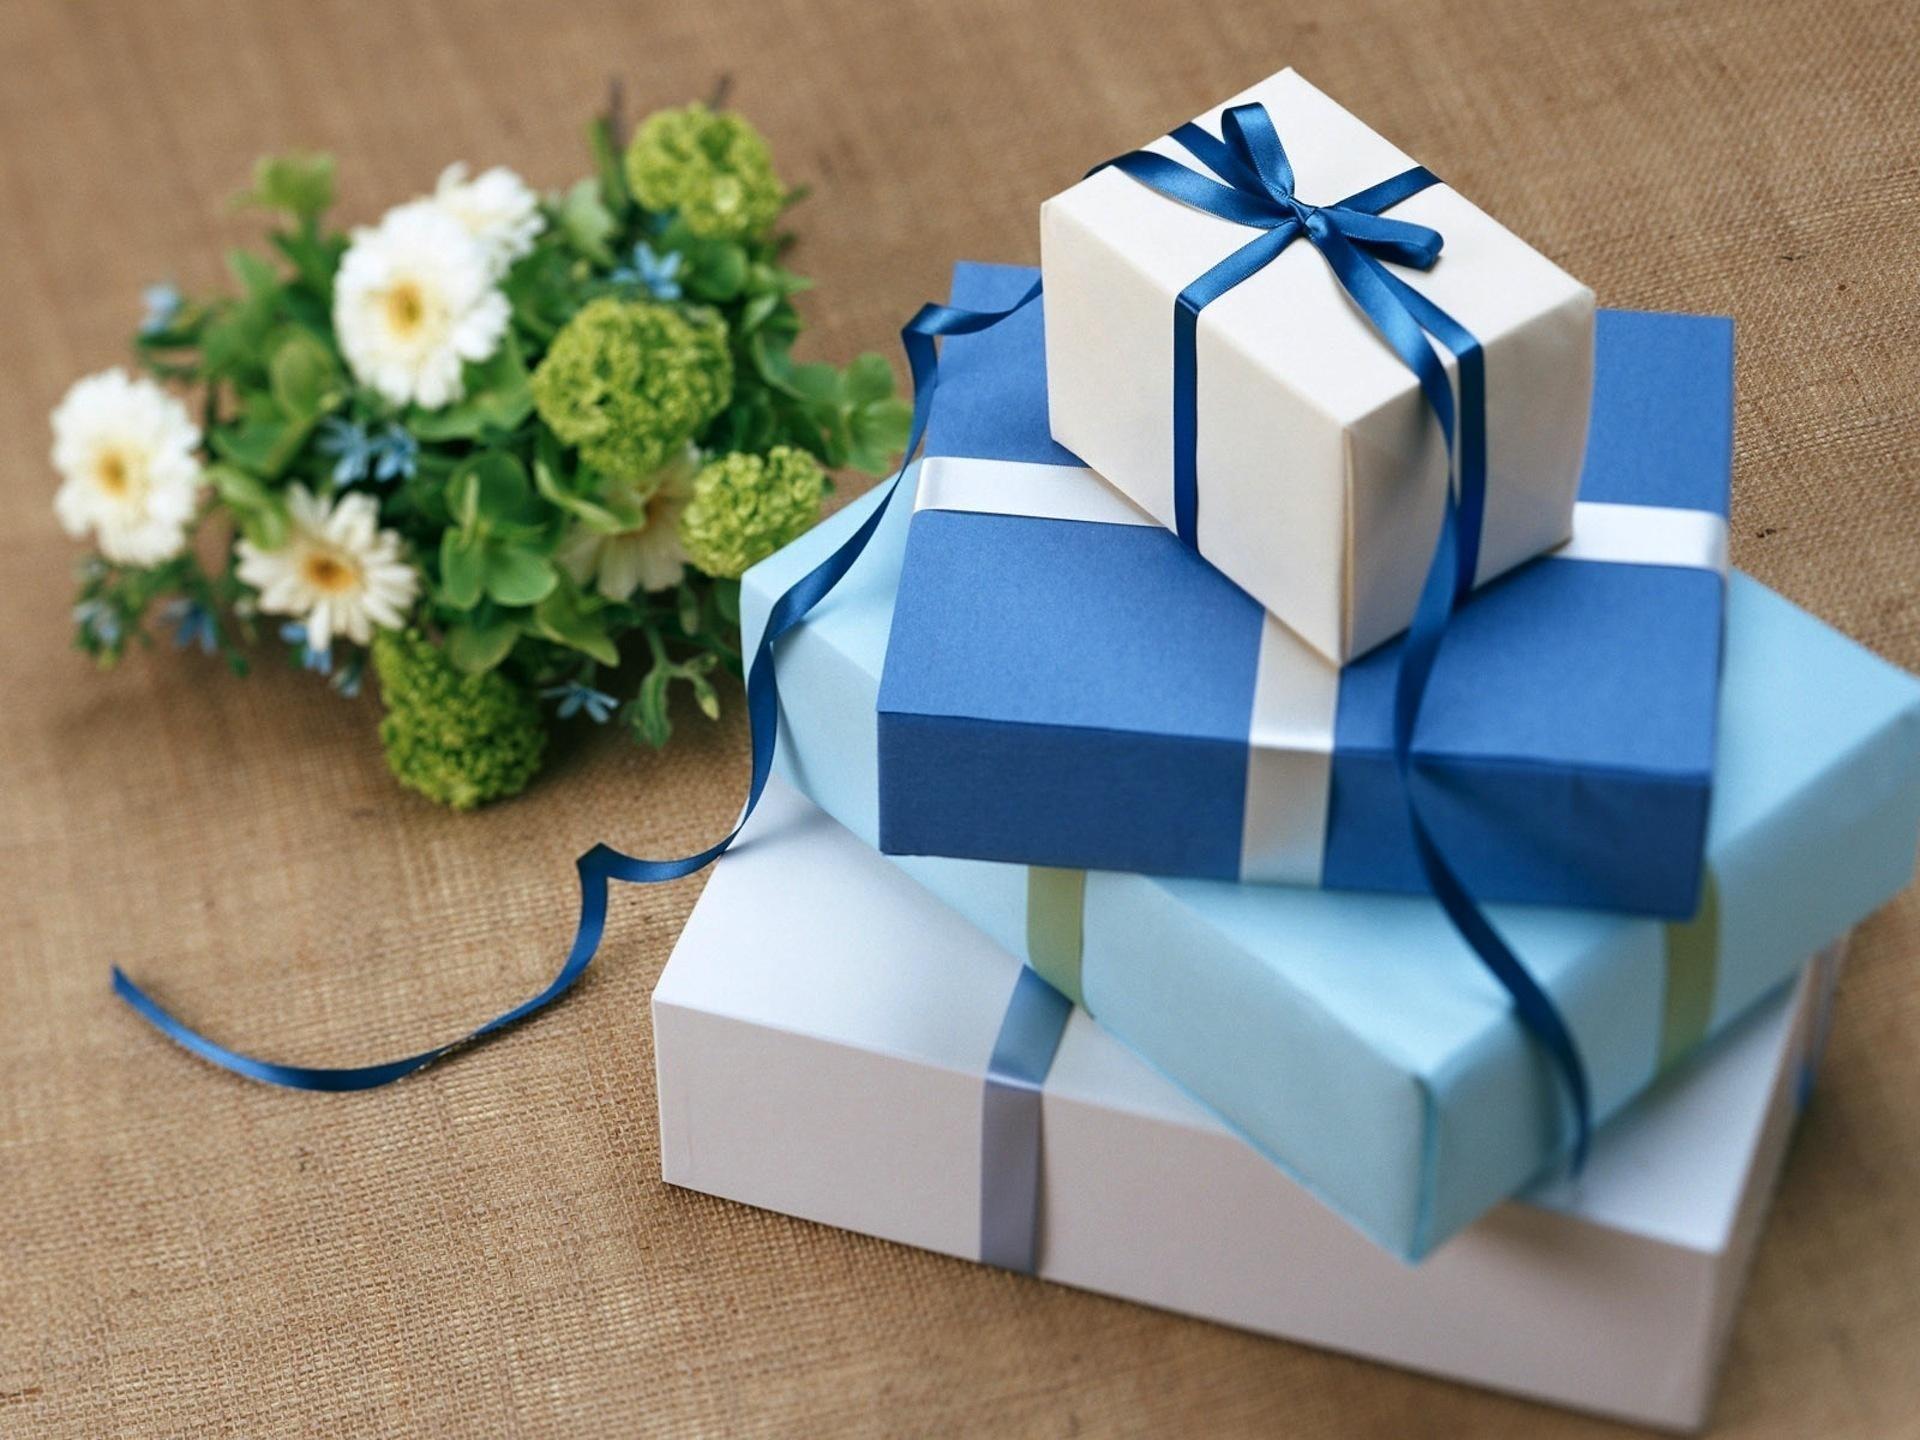 cadeaux anniversaire personnalisé